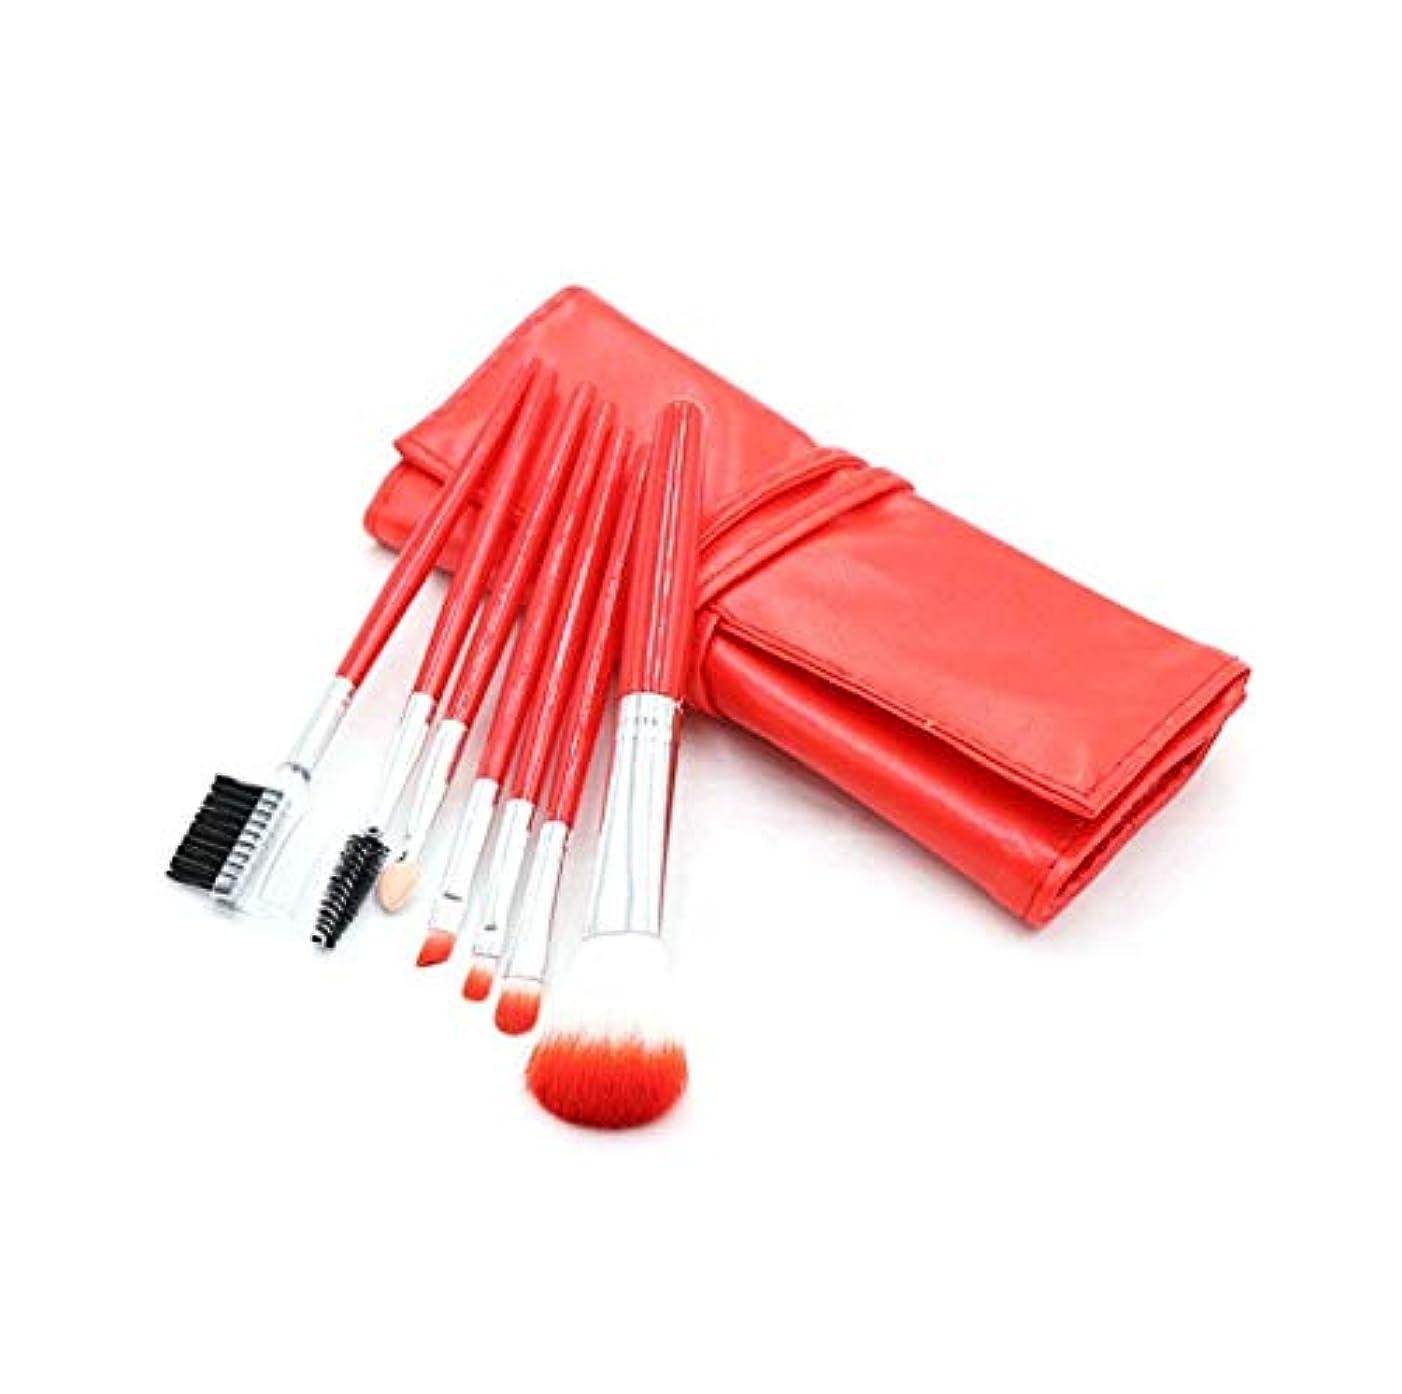 に賛成燃料スタウト化粧ブラシセット、赤7化粧ブラシ化粧ブラシセットアイシャドウブラシリップブラシ美容化粧道具